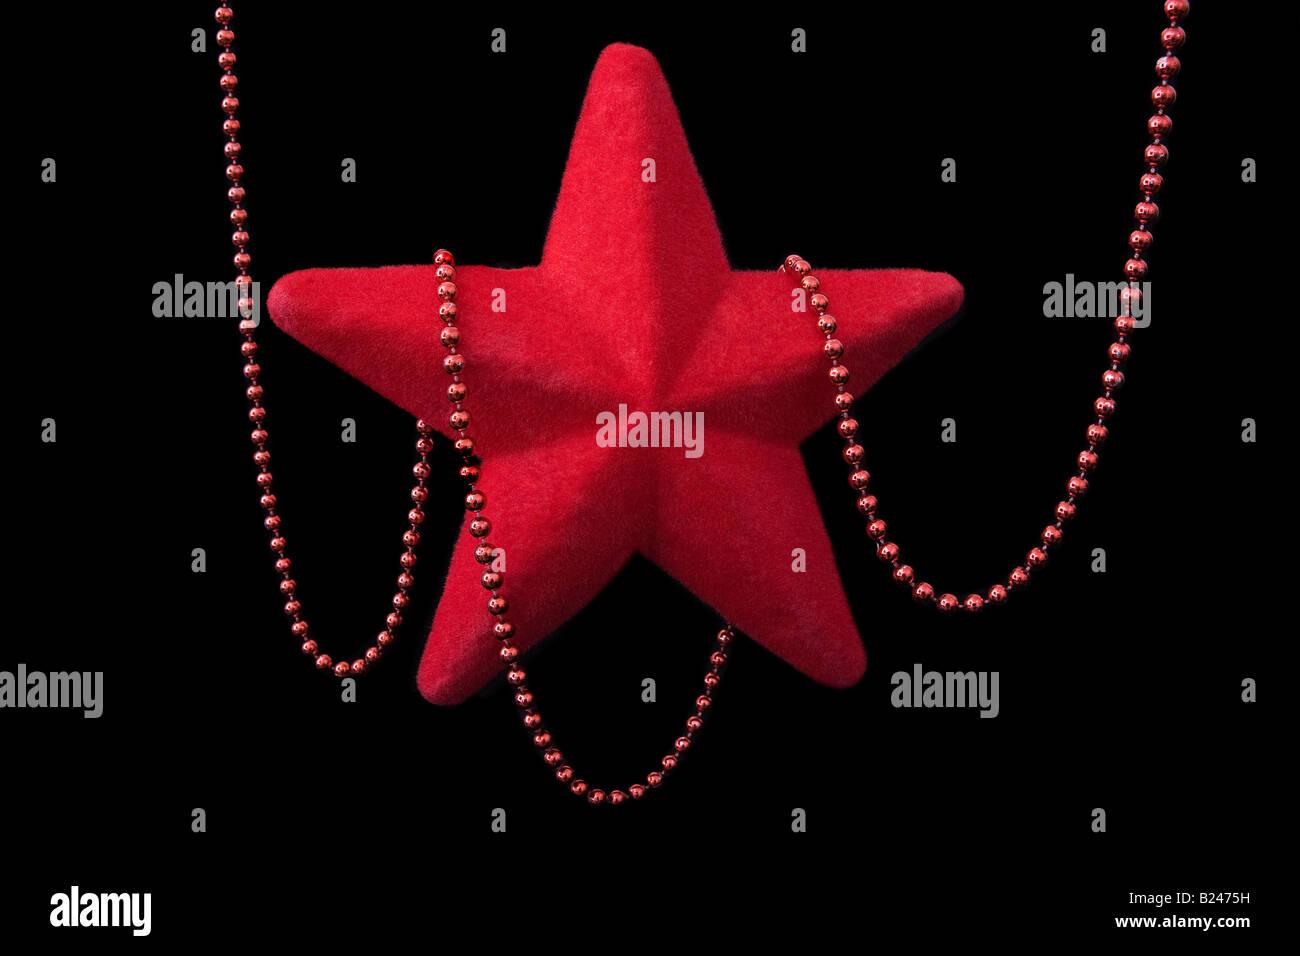 Ein Stern und Perlen Weihnachtsschmuck Stockbild